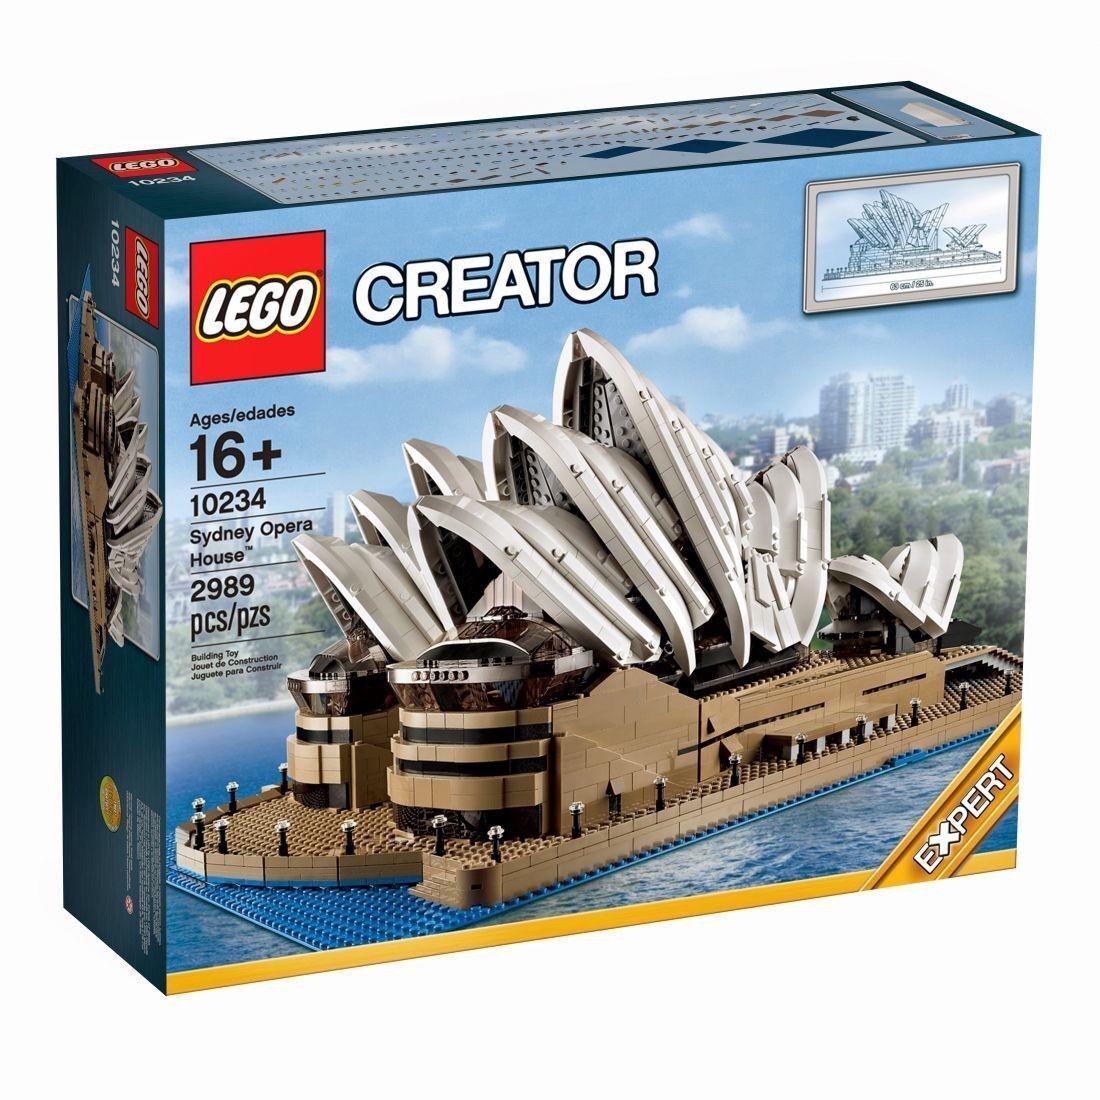 LEGO Creator Sydney Opera House (10234) nuovo SEALED  Global Shipping  la migliore selezione di